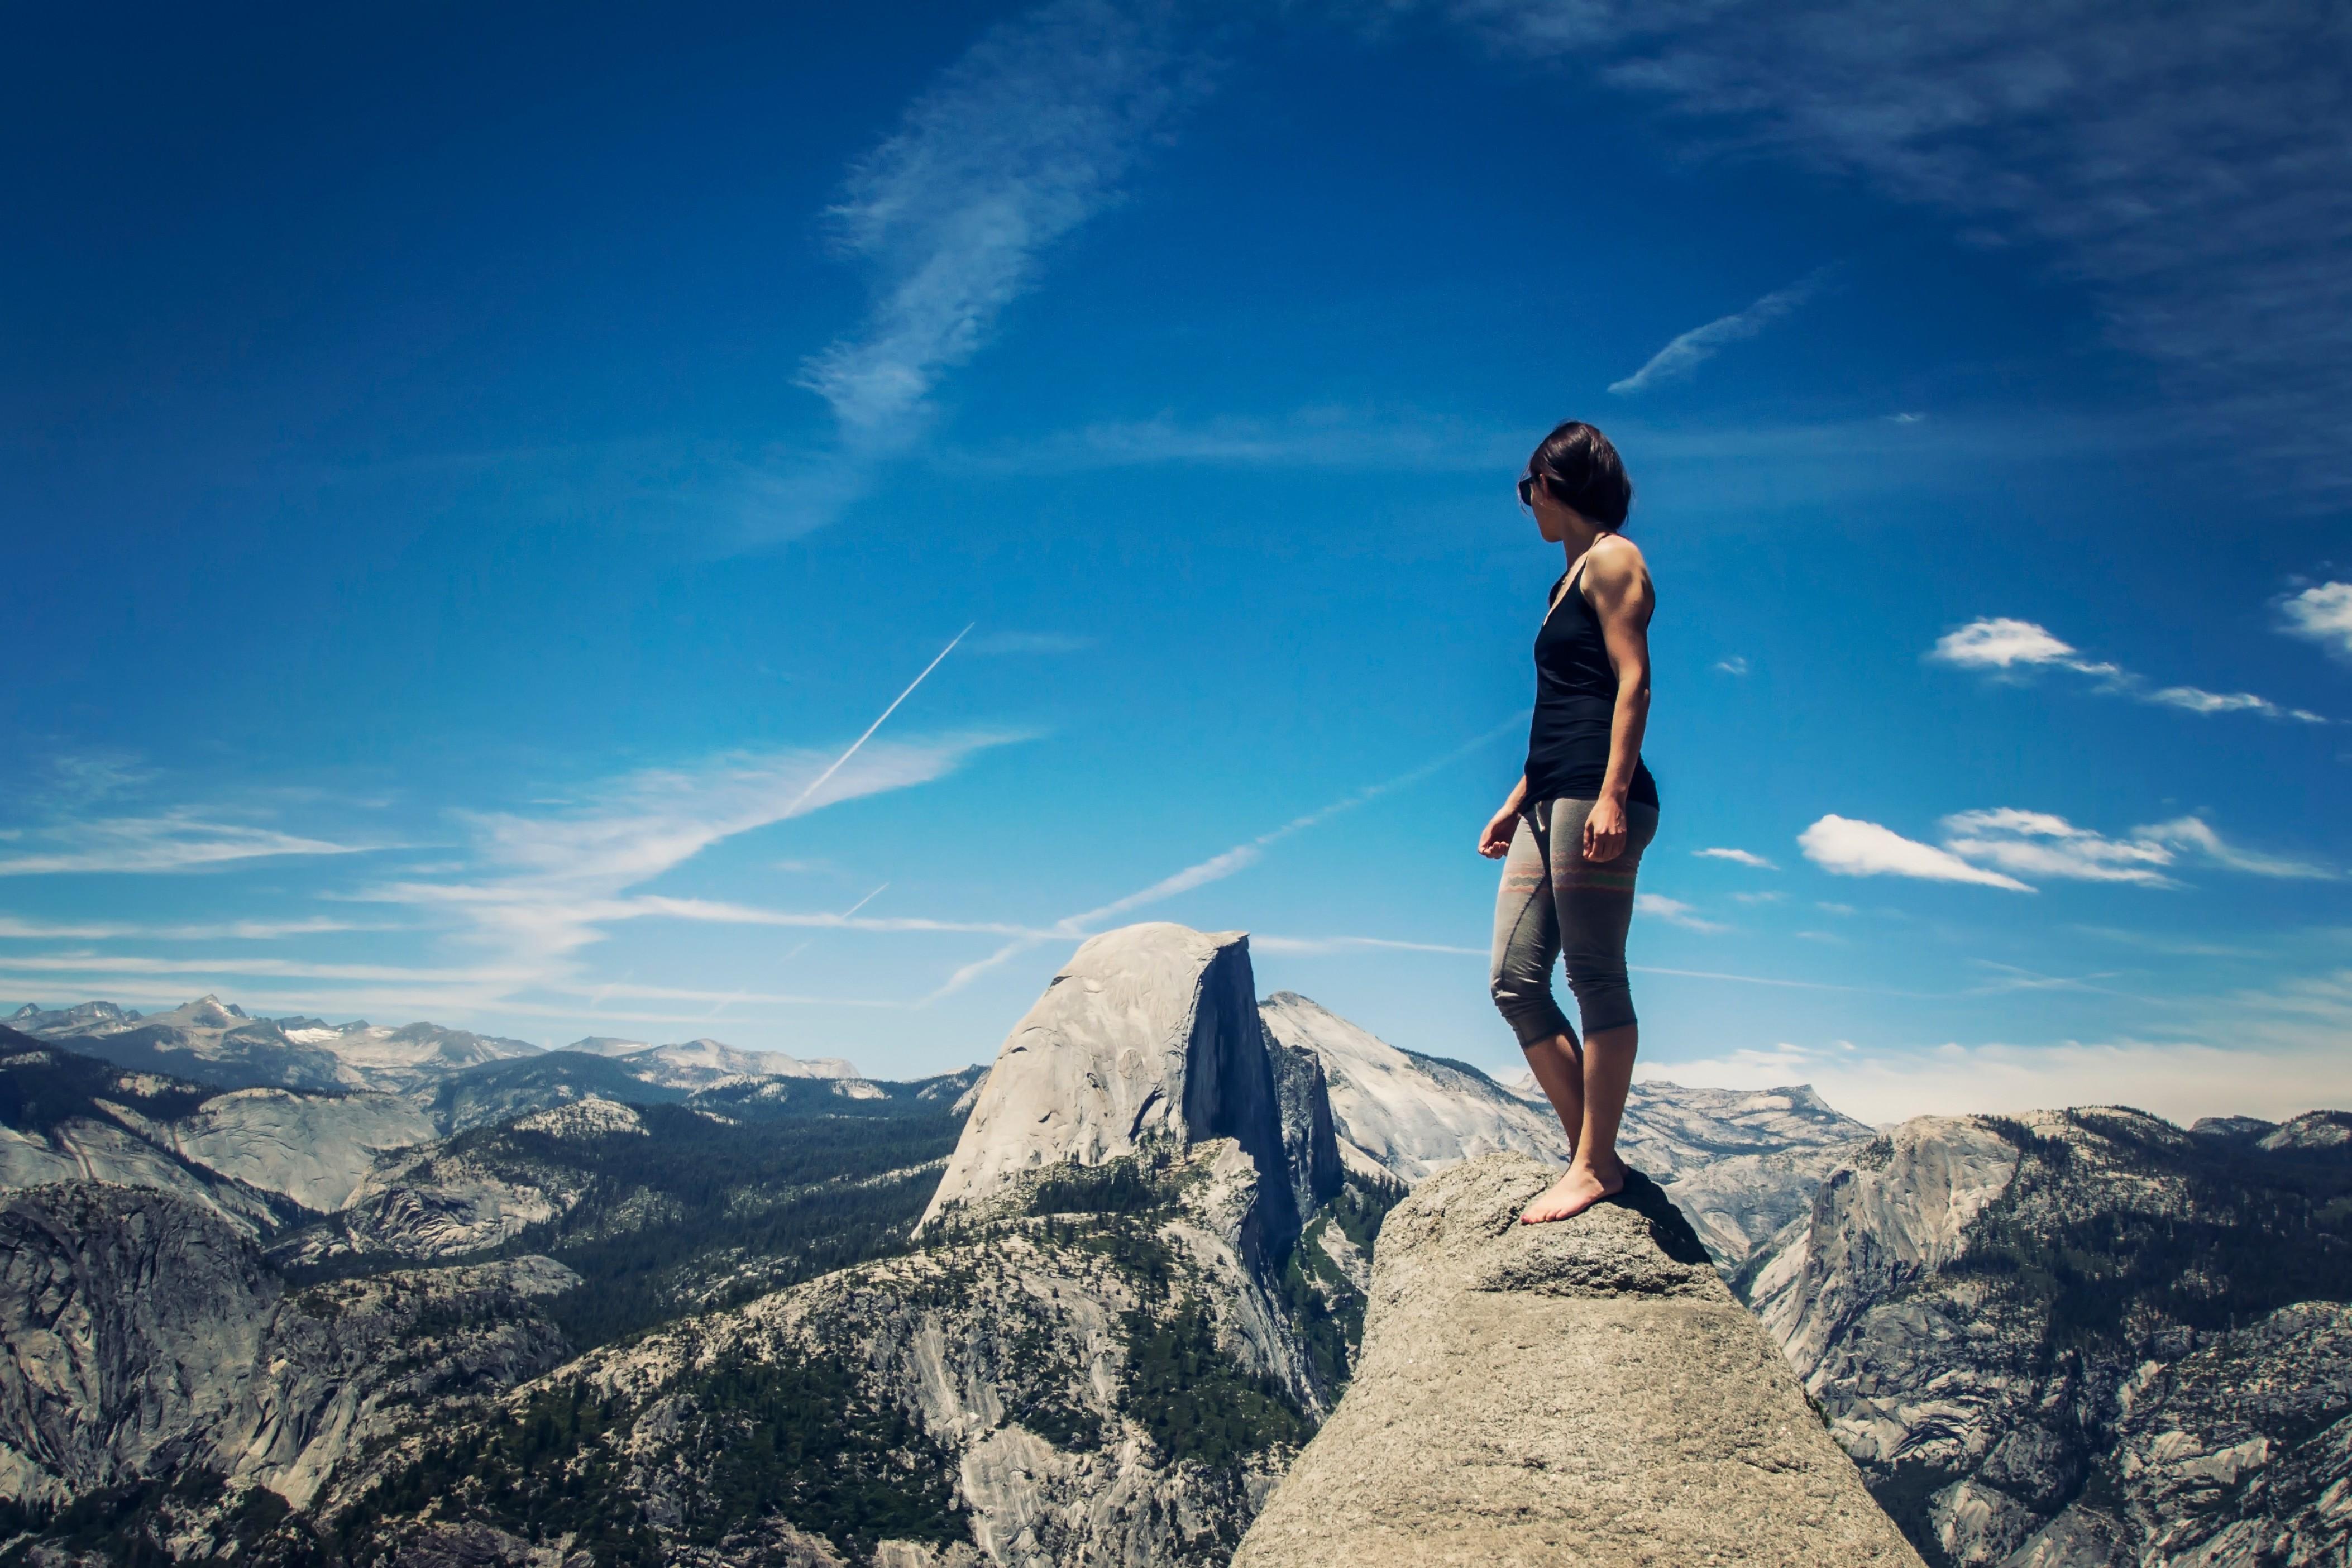 постоянное красивые фото людей в горах том, что